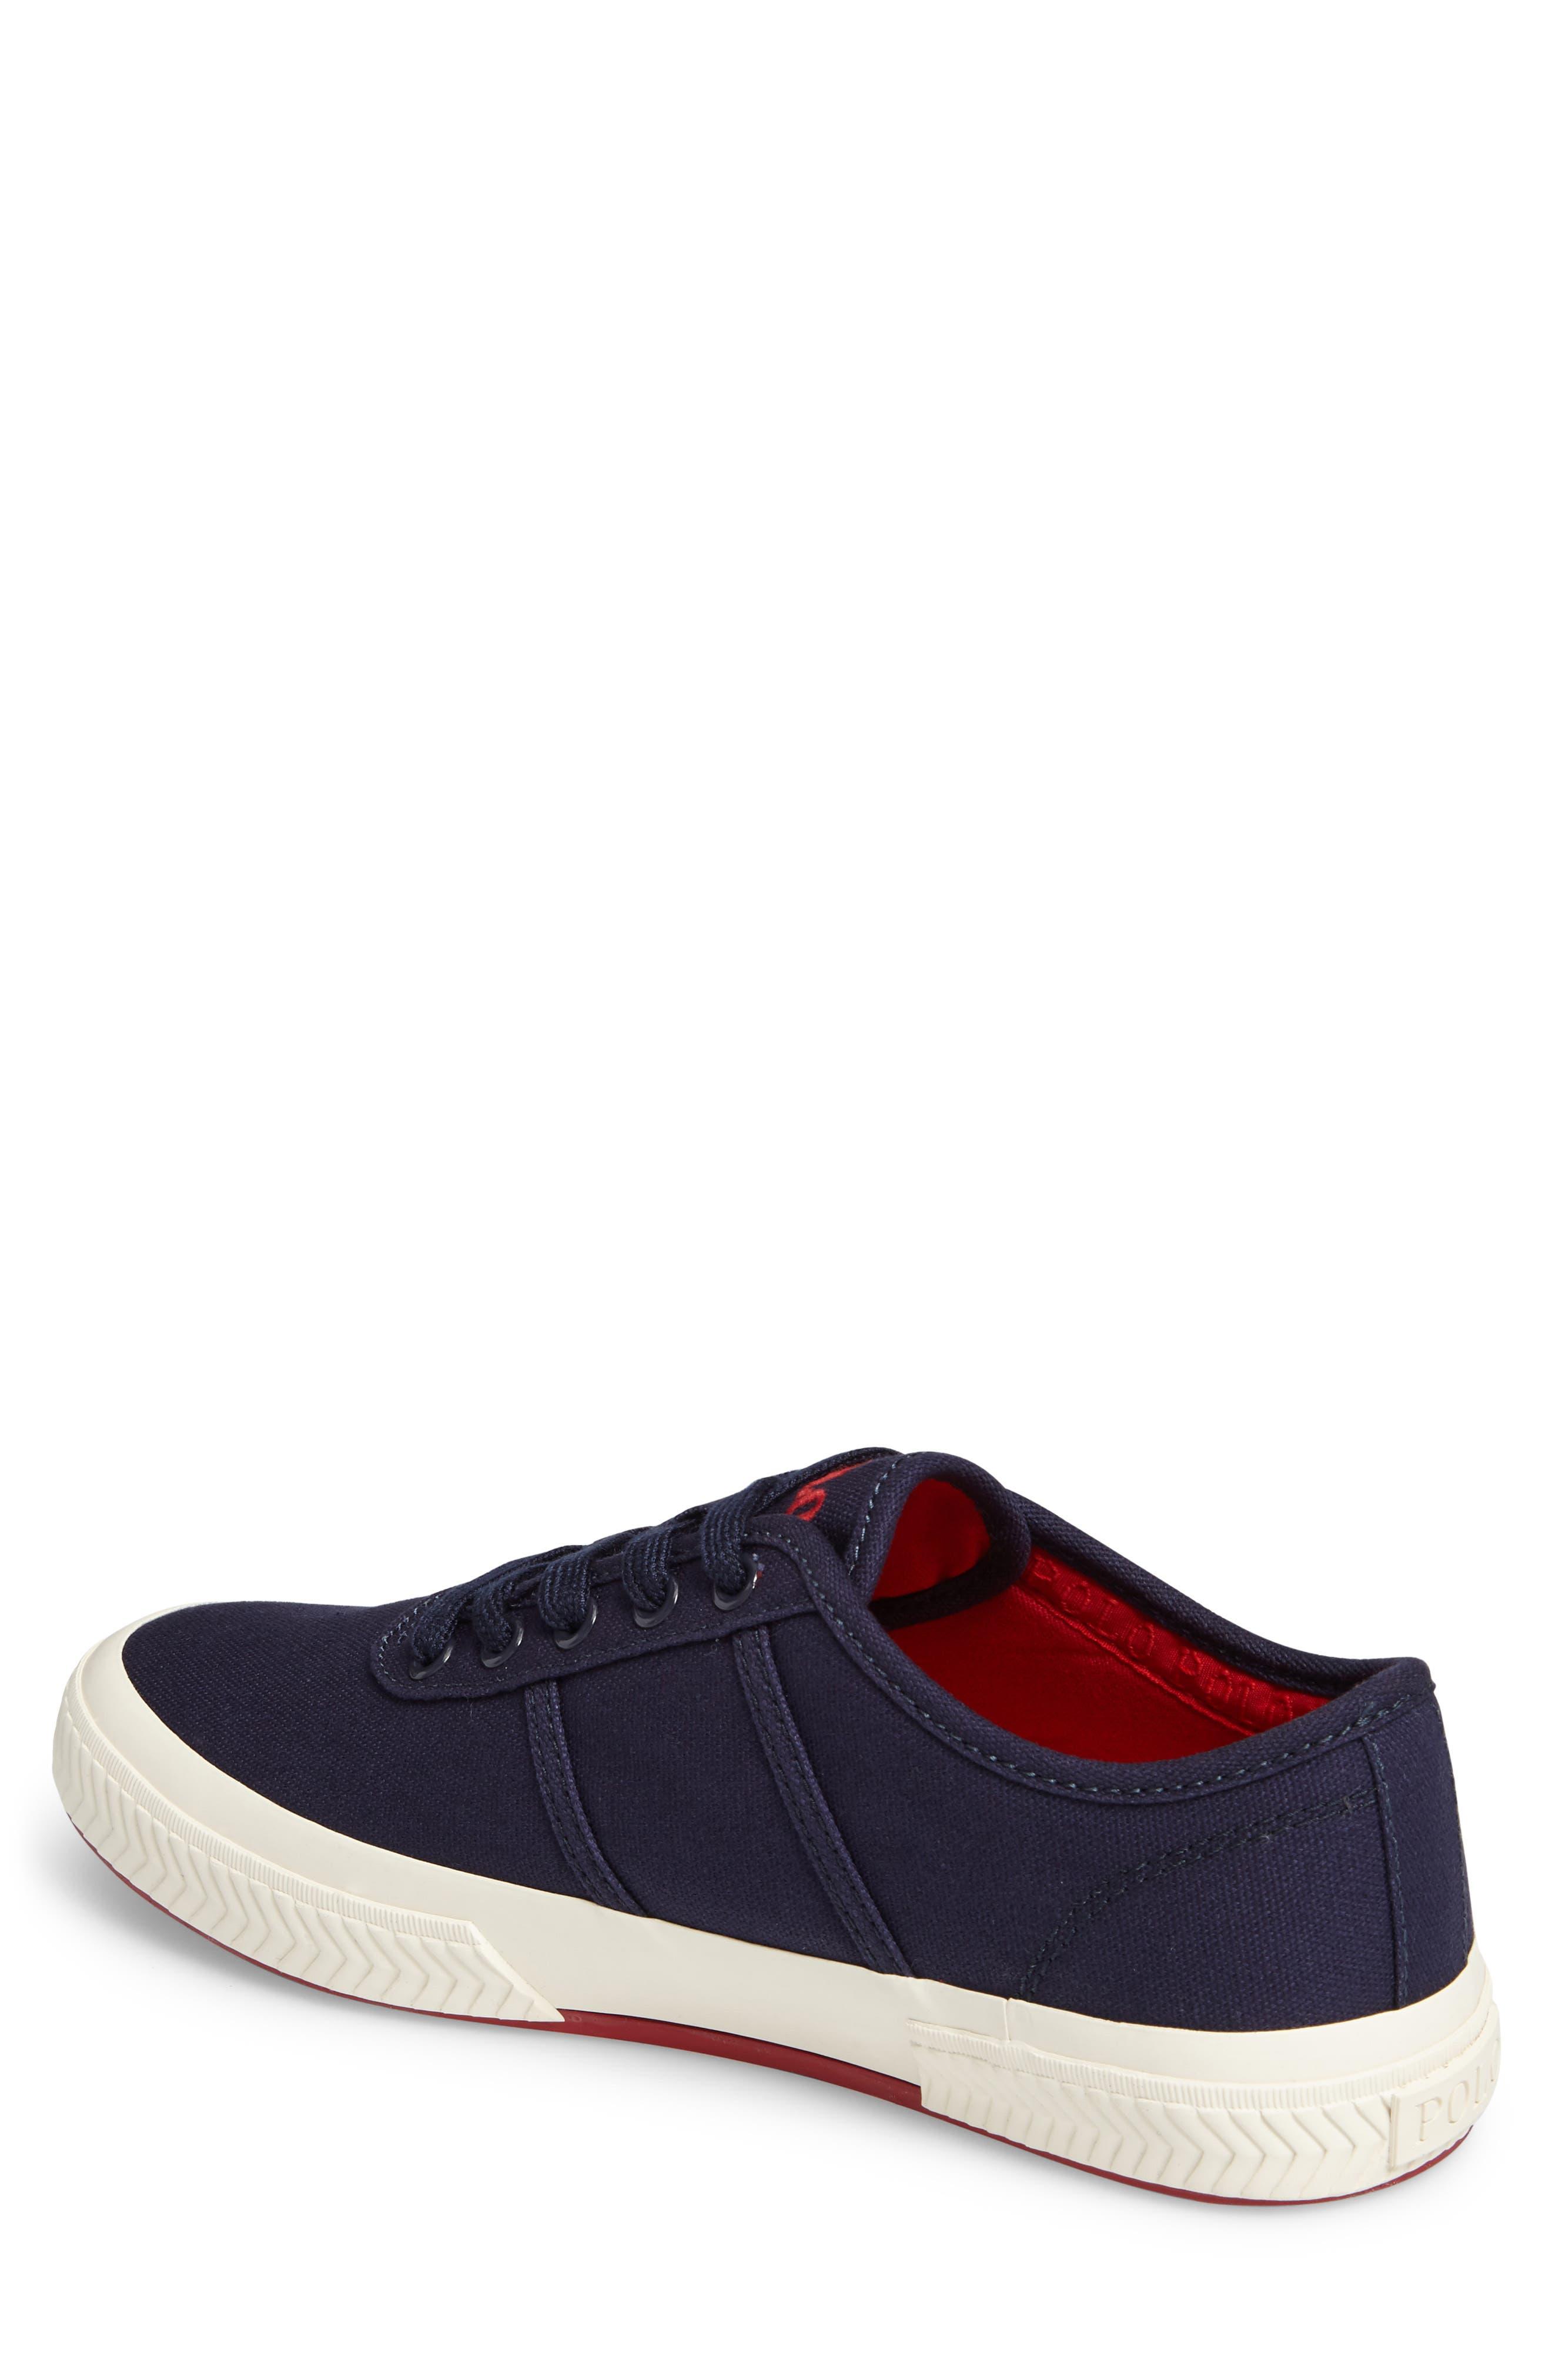 Alternate Image 2  - Polo Ralph Lauren Tyrian Sneaker (Men)